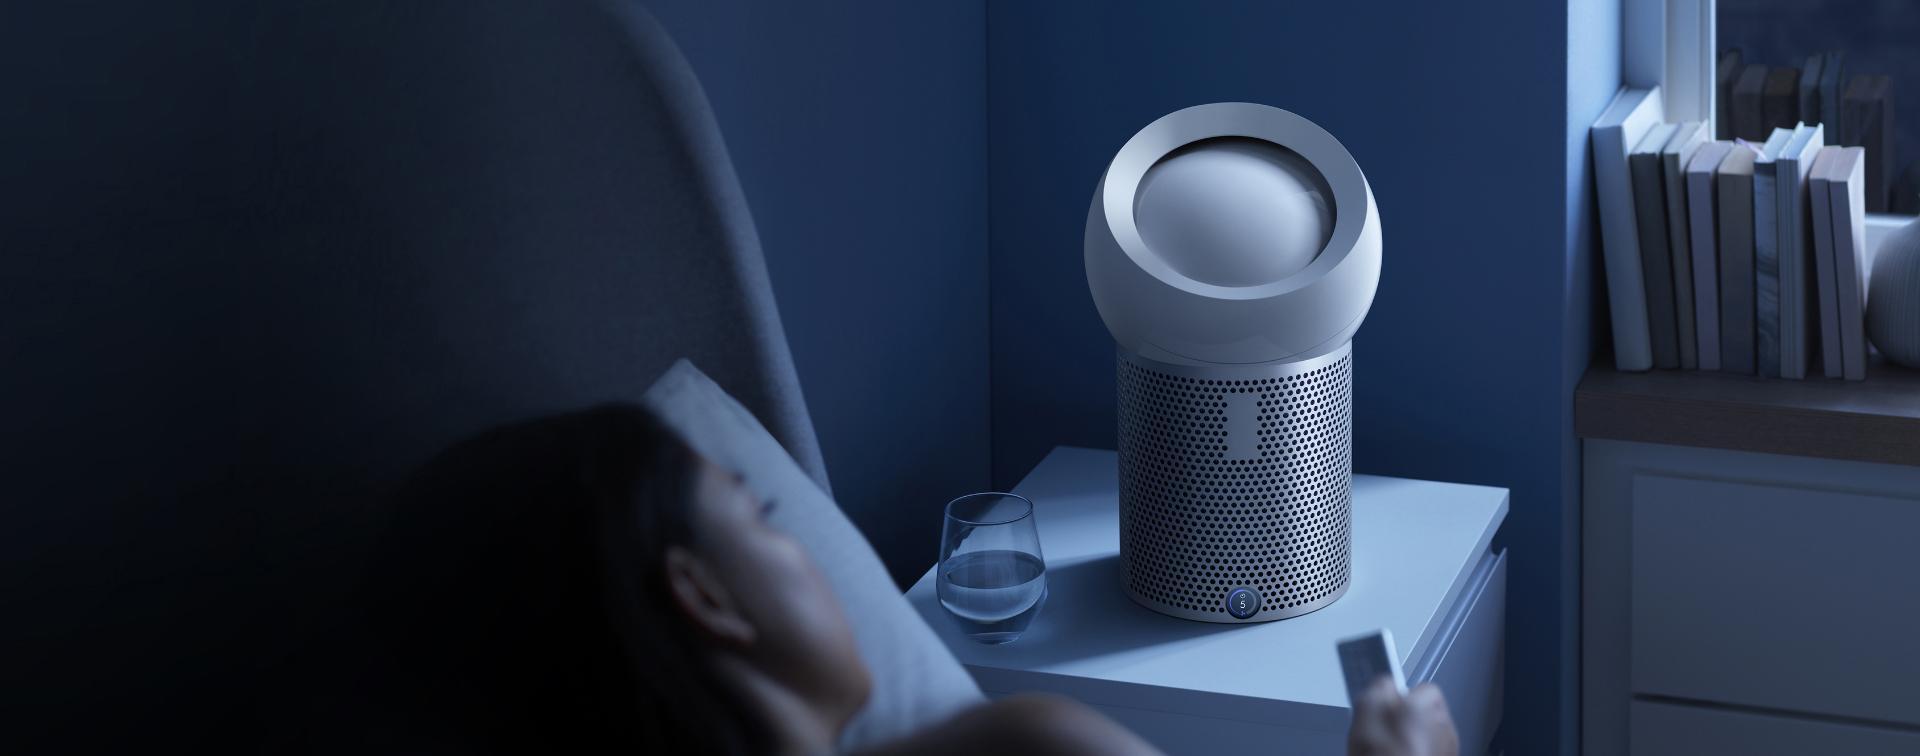 다이슨 퓨어 쿨 미 퍼스널 공기청정기가 옆에 놓여진 침대에 있는 여성